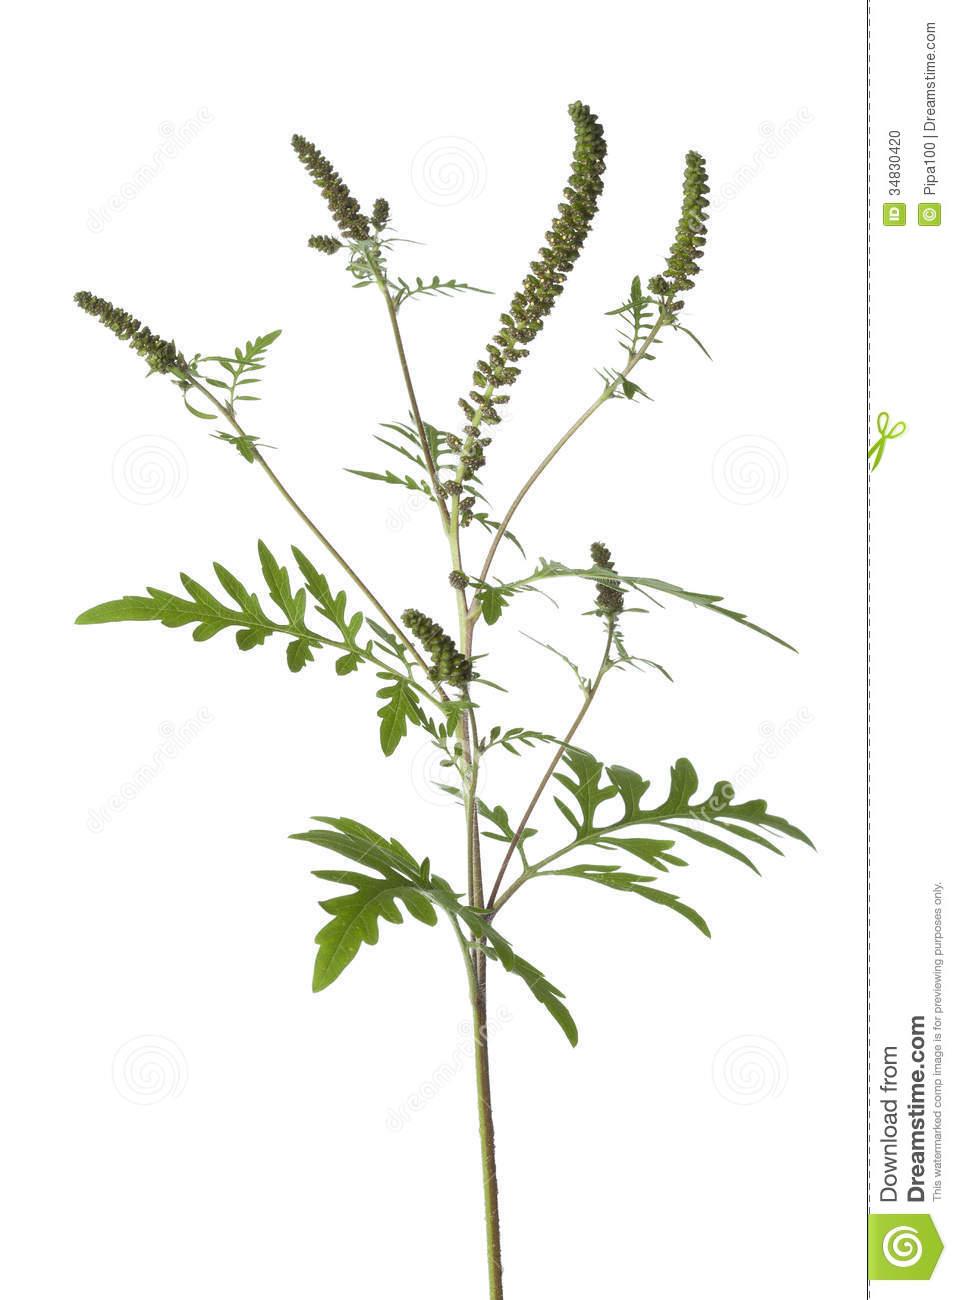 Common Ragweed Plant Stock Photo.